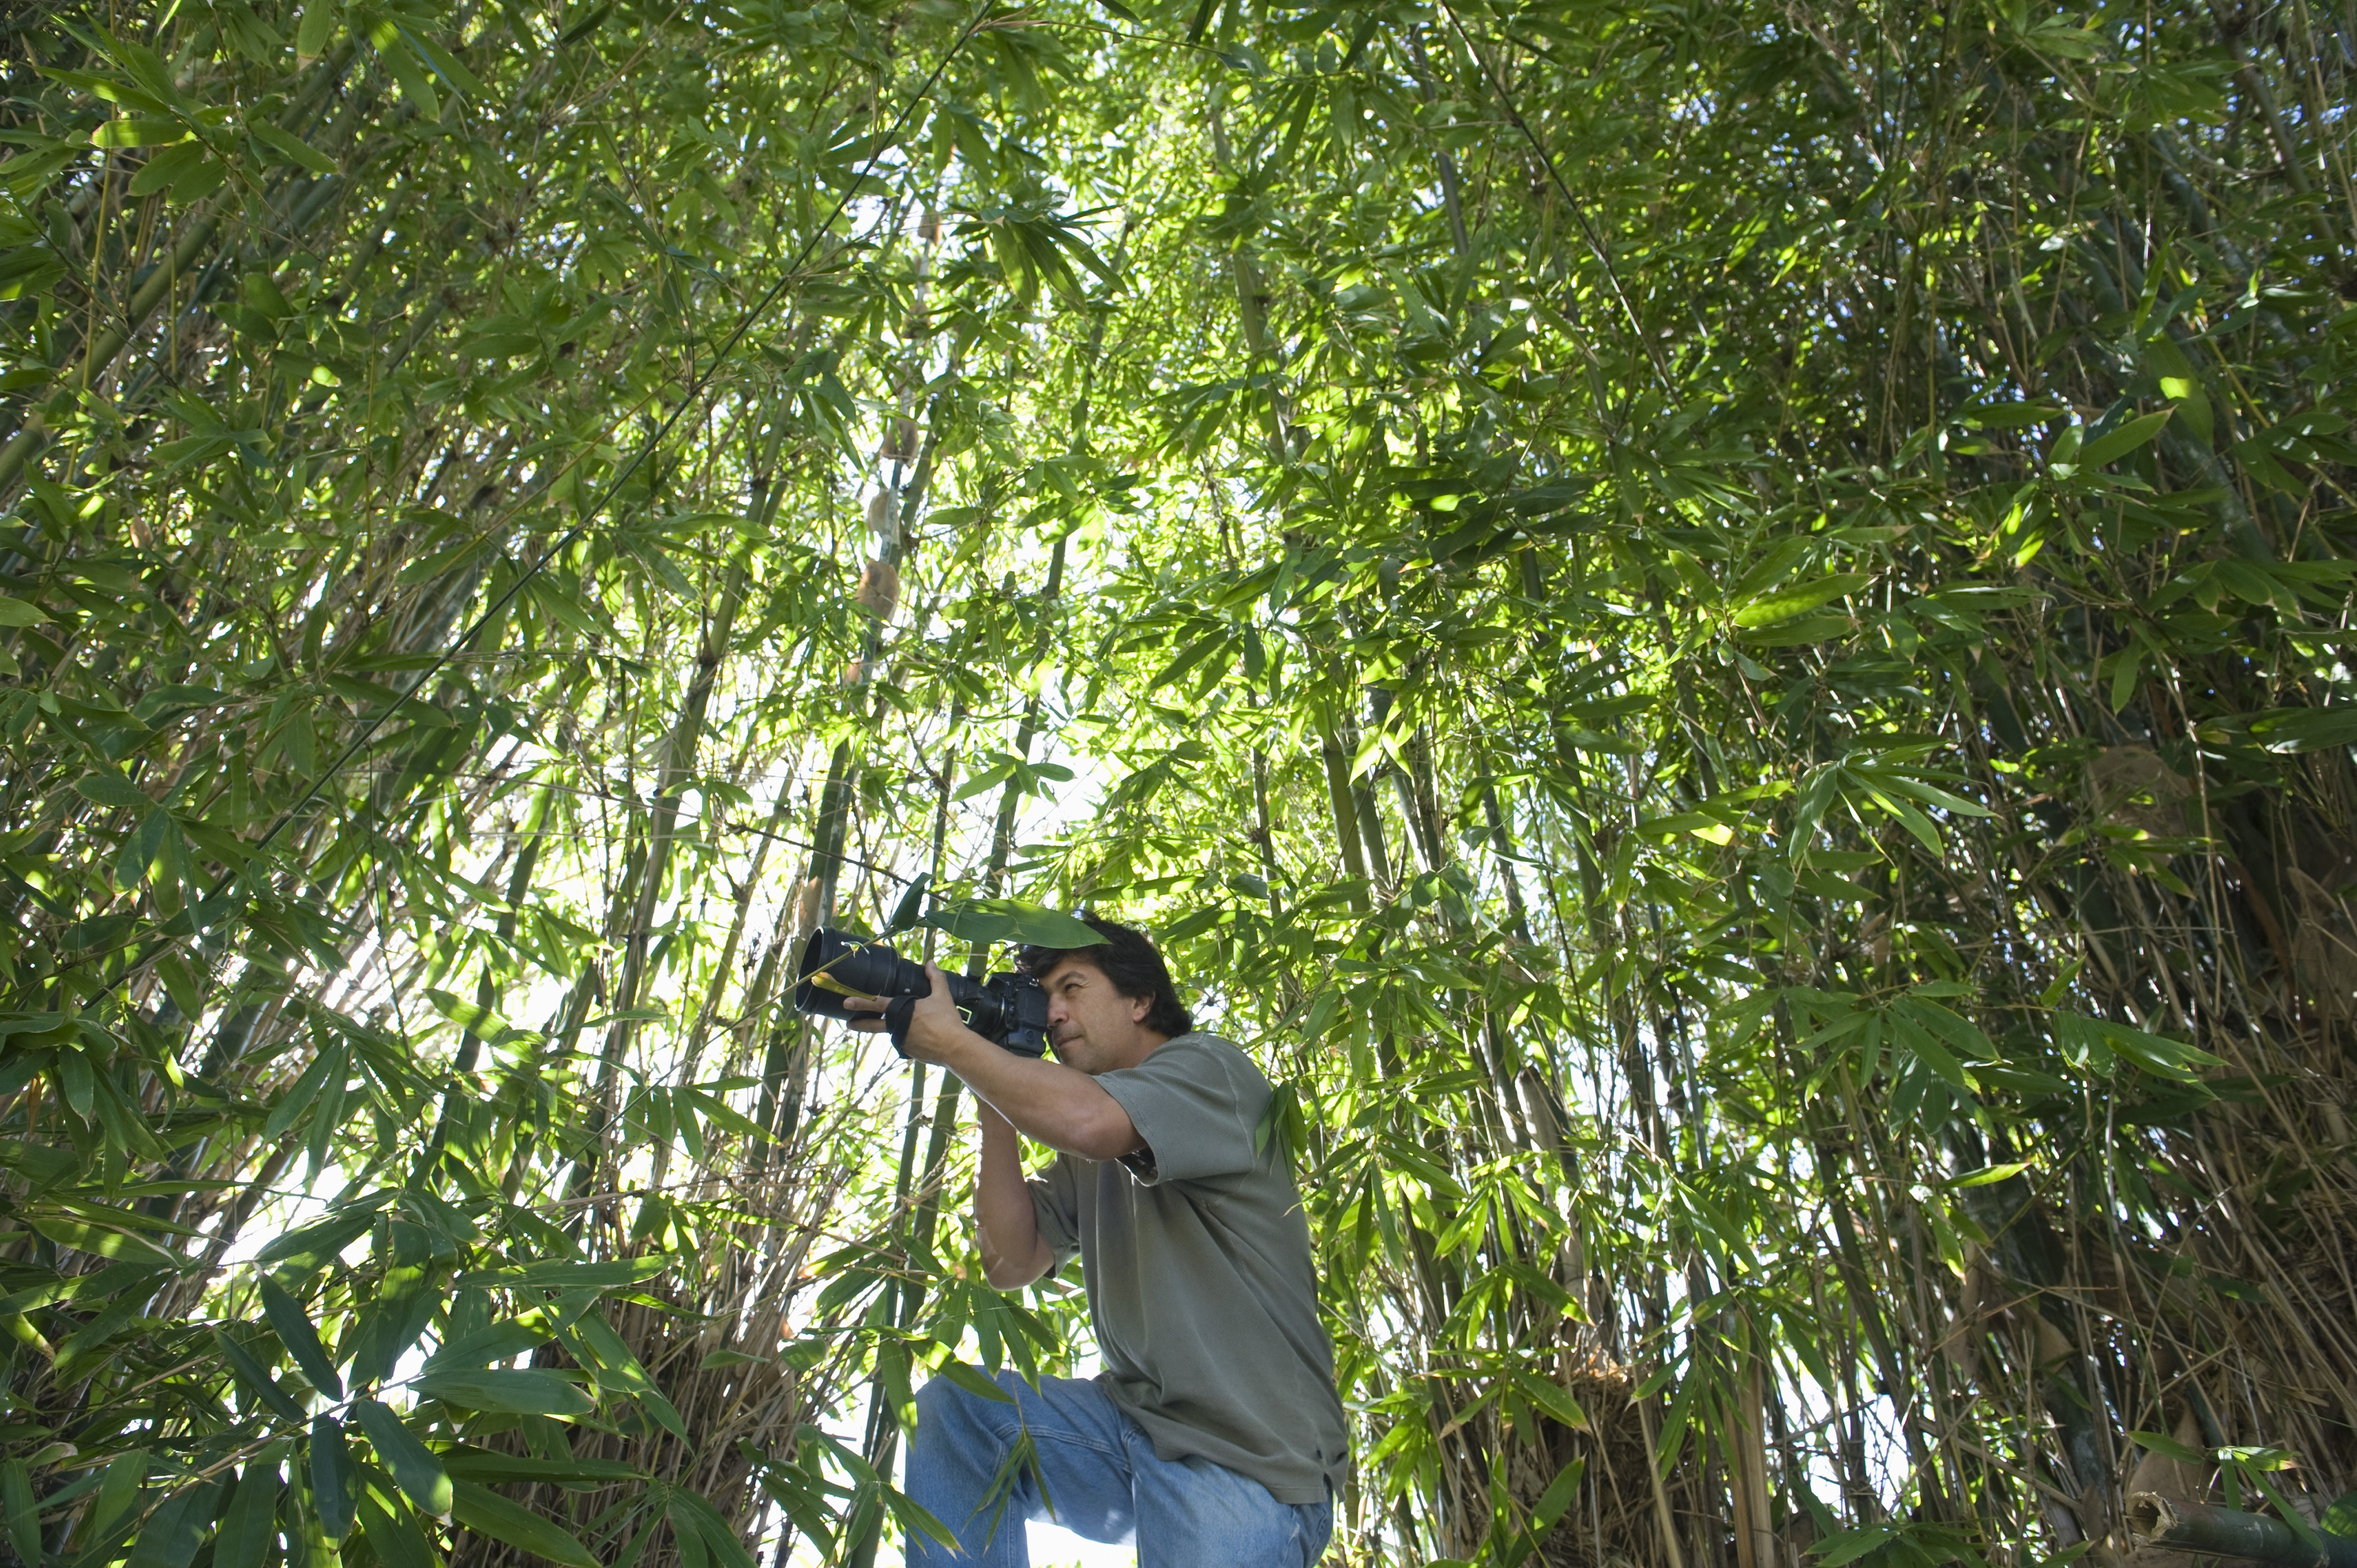 pandas eat bamboo